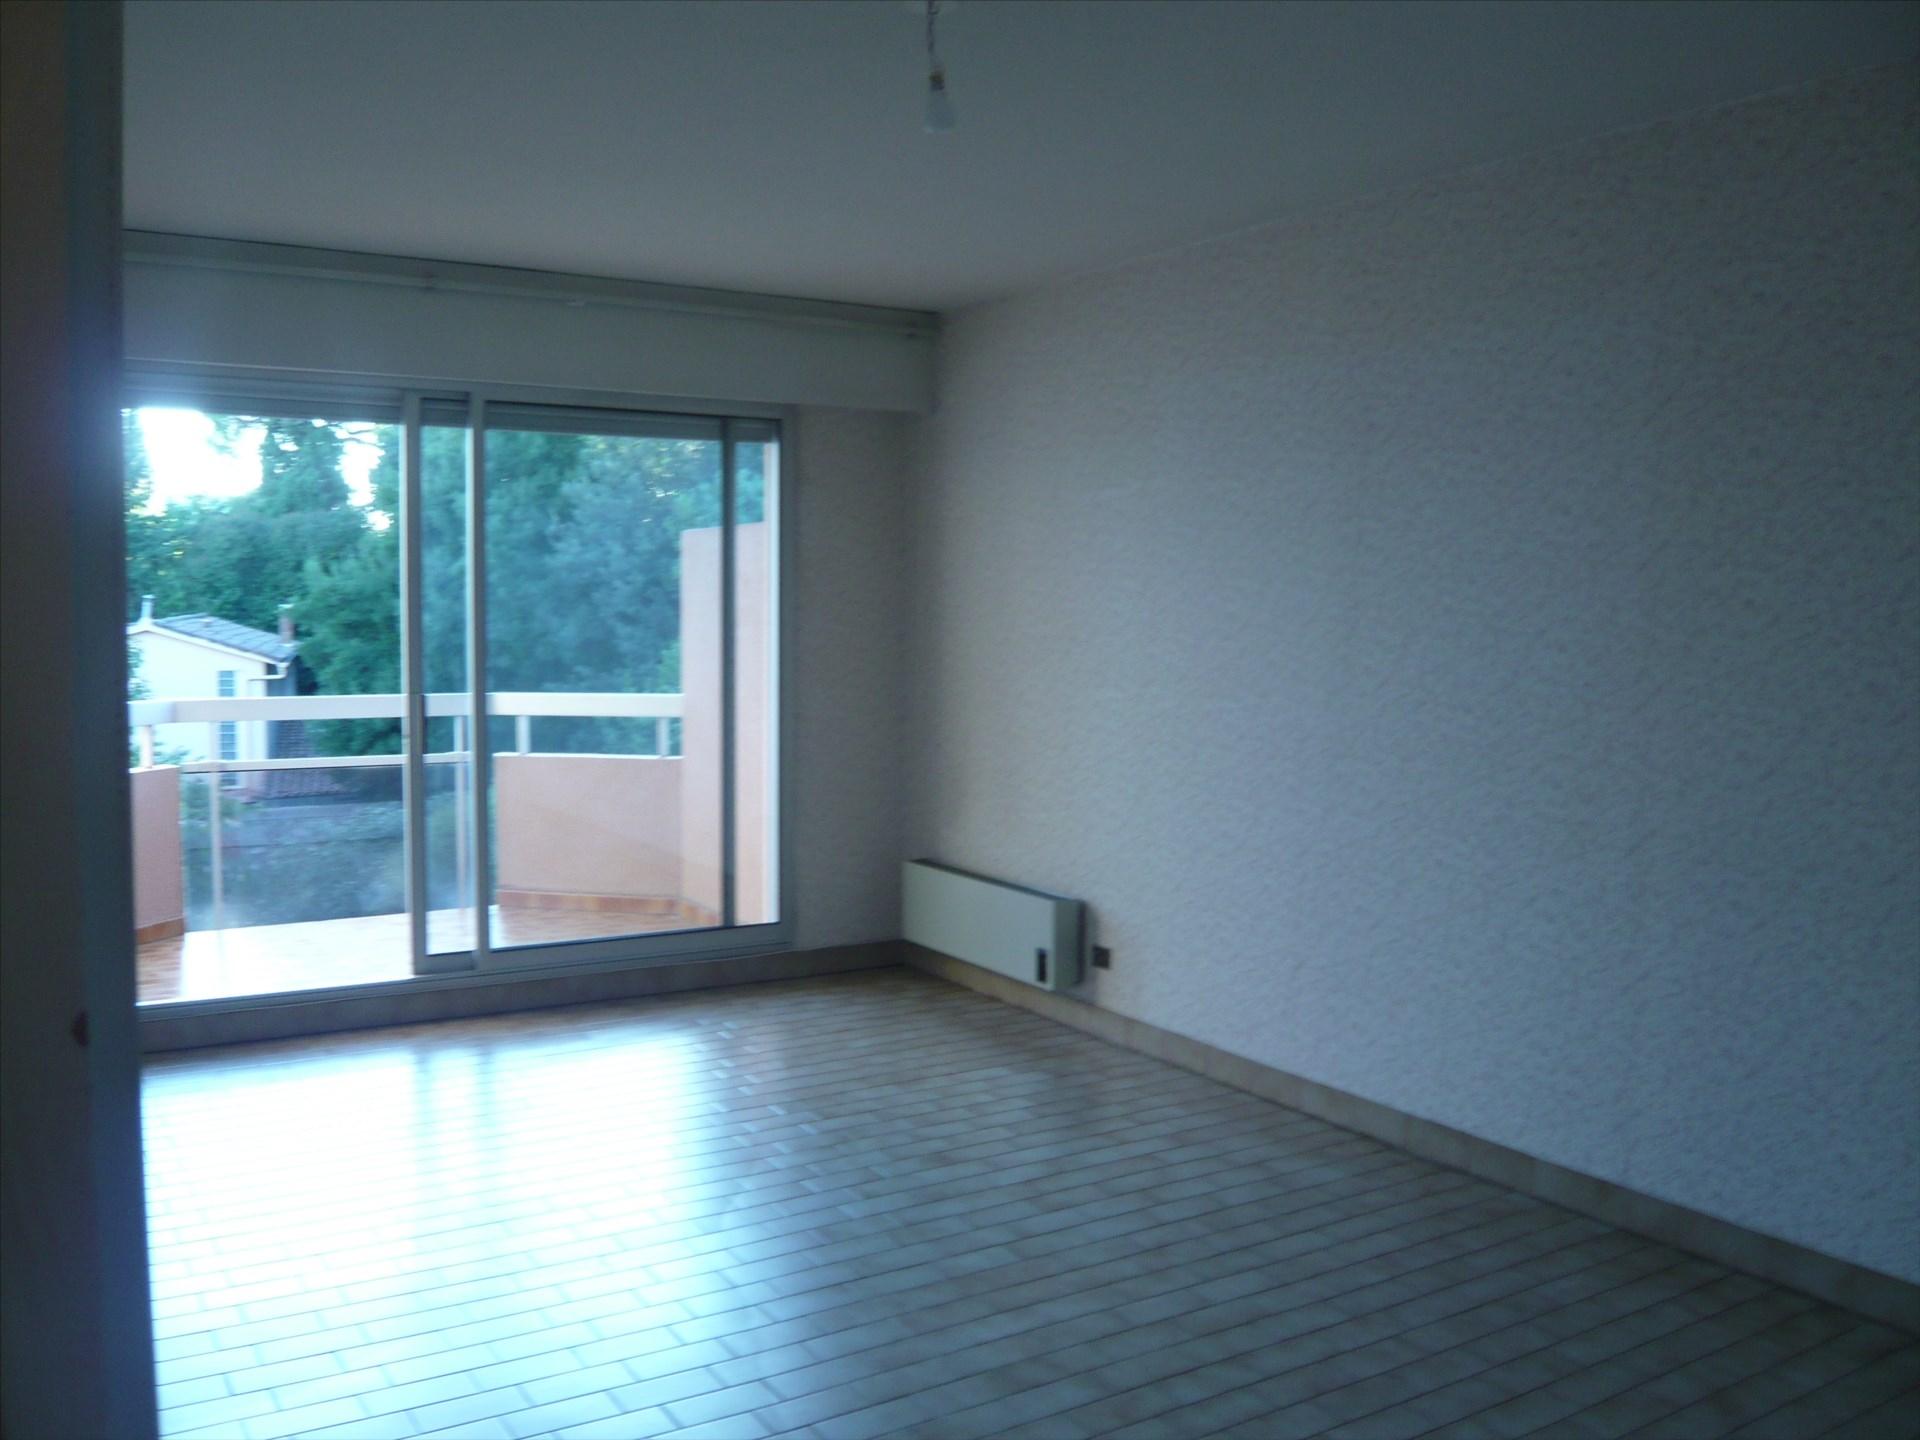 Location Appartement MONTPELLIER surface habitable de 56 m²